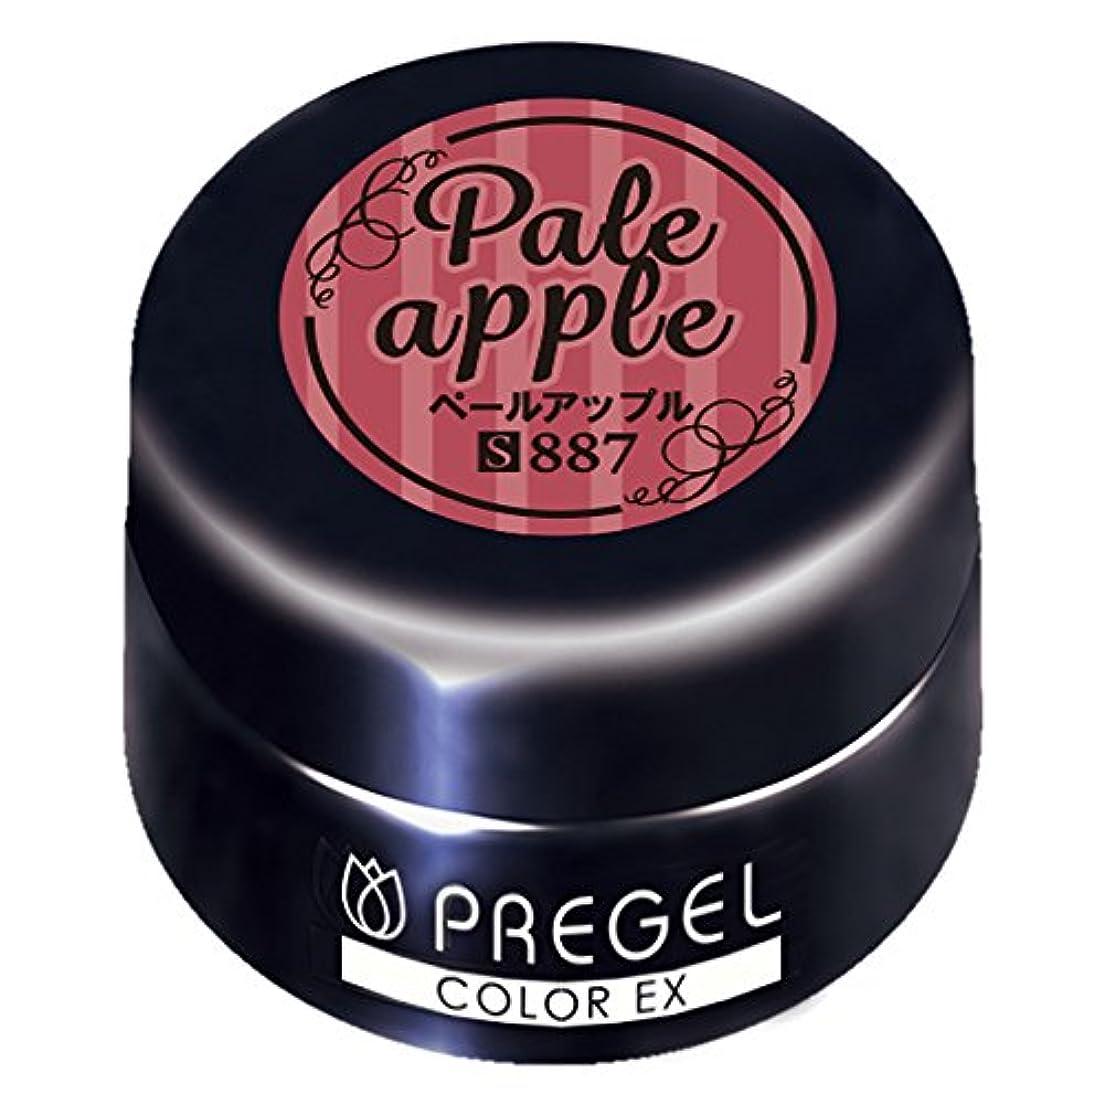 普遍的な説明する悲惨なPRE GEL カラージェル カラーEX ペールアップル 3g PG-CE887 UV/LED対応タイオウ